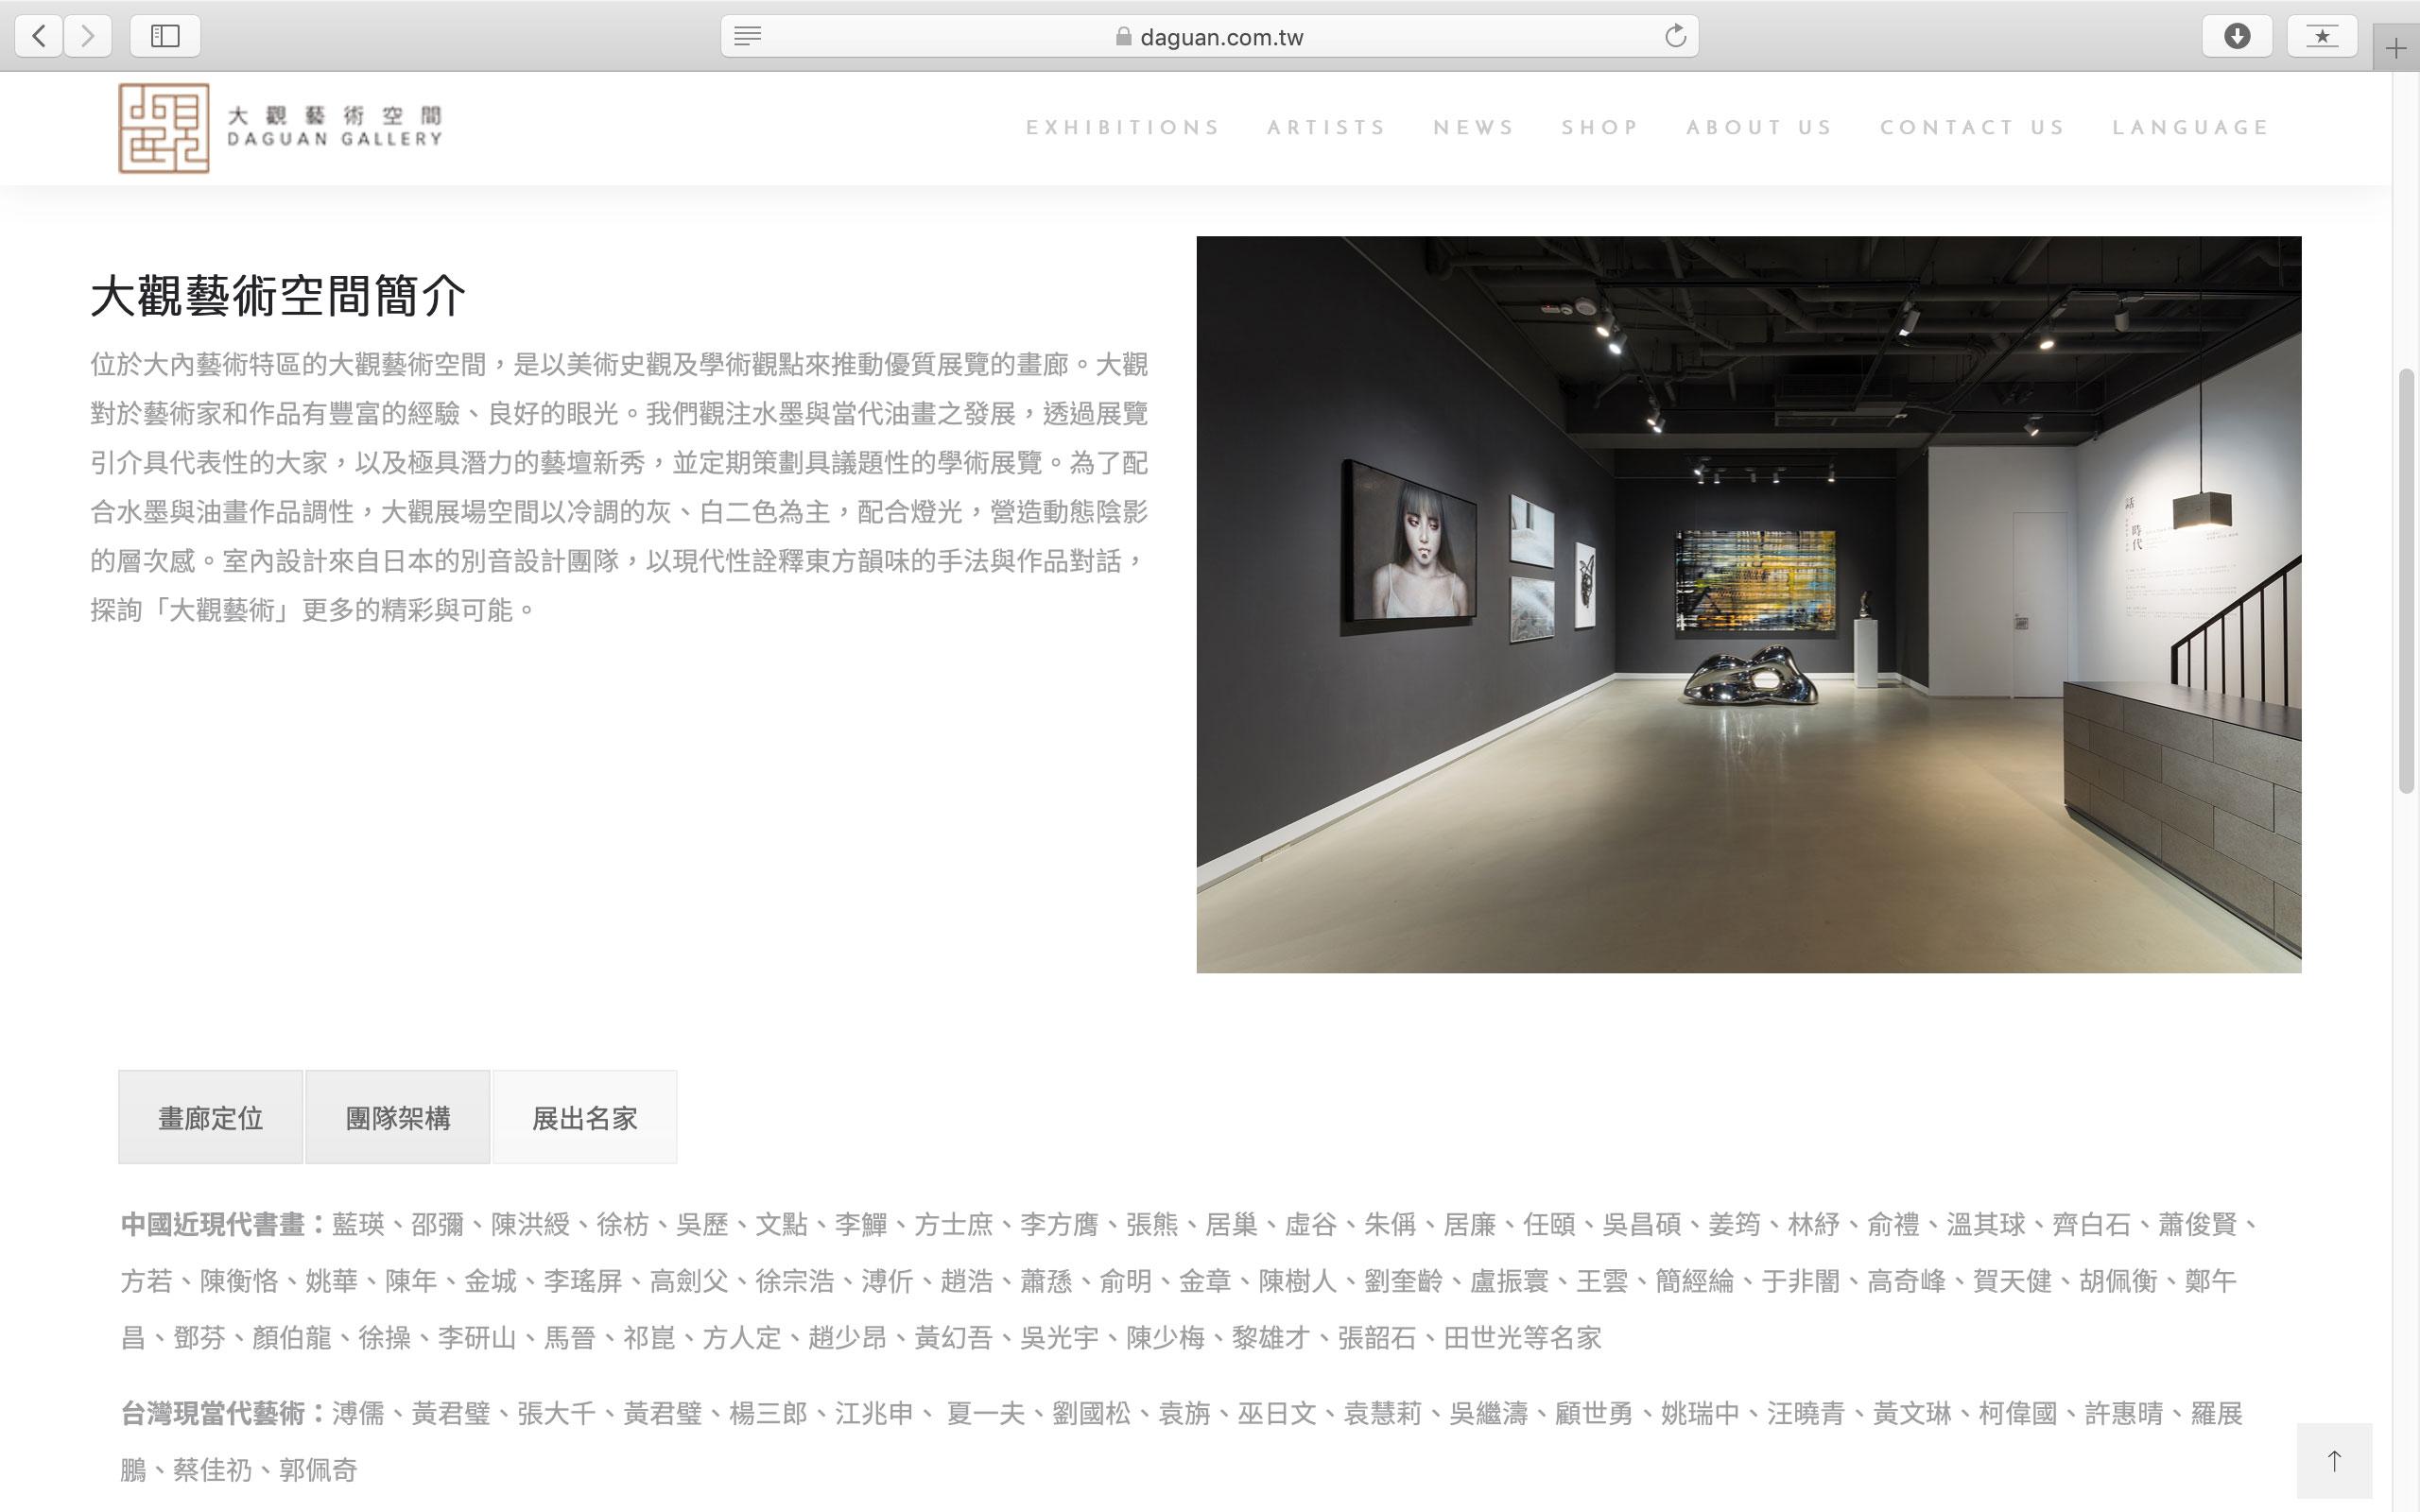 「網頁設計作品」,網頁設計,大觀藝術空間攝影,藝廊攝影,美術館,展場攝影,藝術,RWD網頁設計,響應式網頁設計,複合式作品集,複合式訊息欄位,多媒體動態頁面,崁入Google Map 地圖